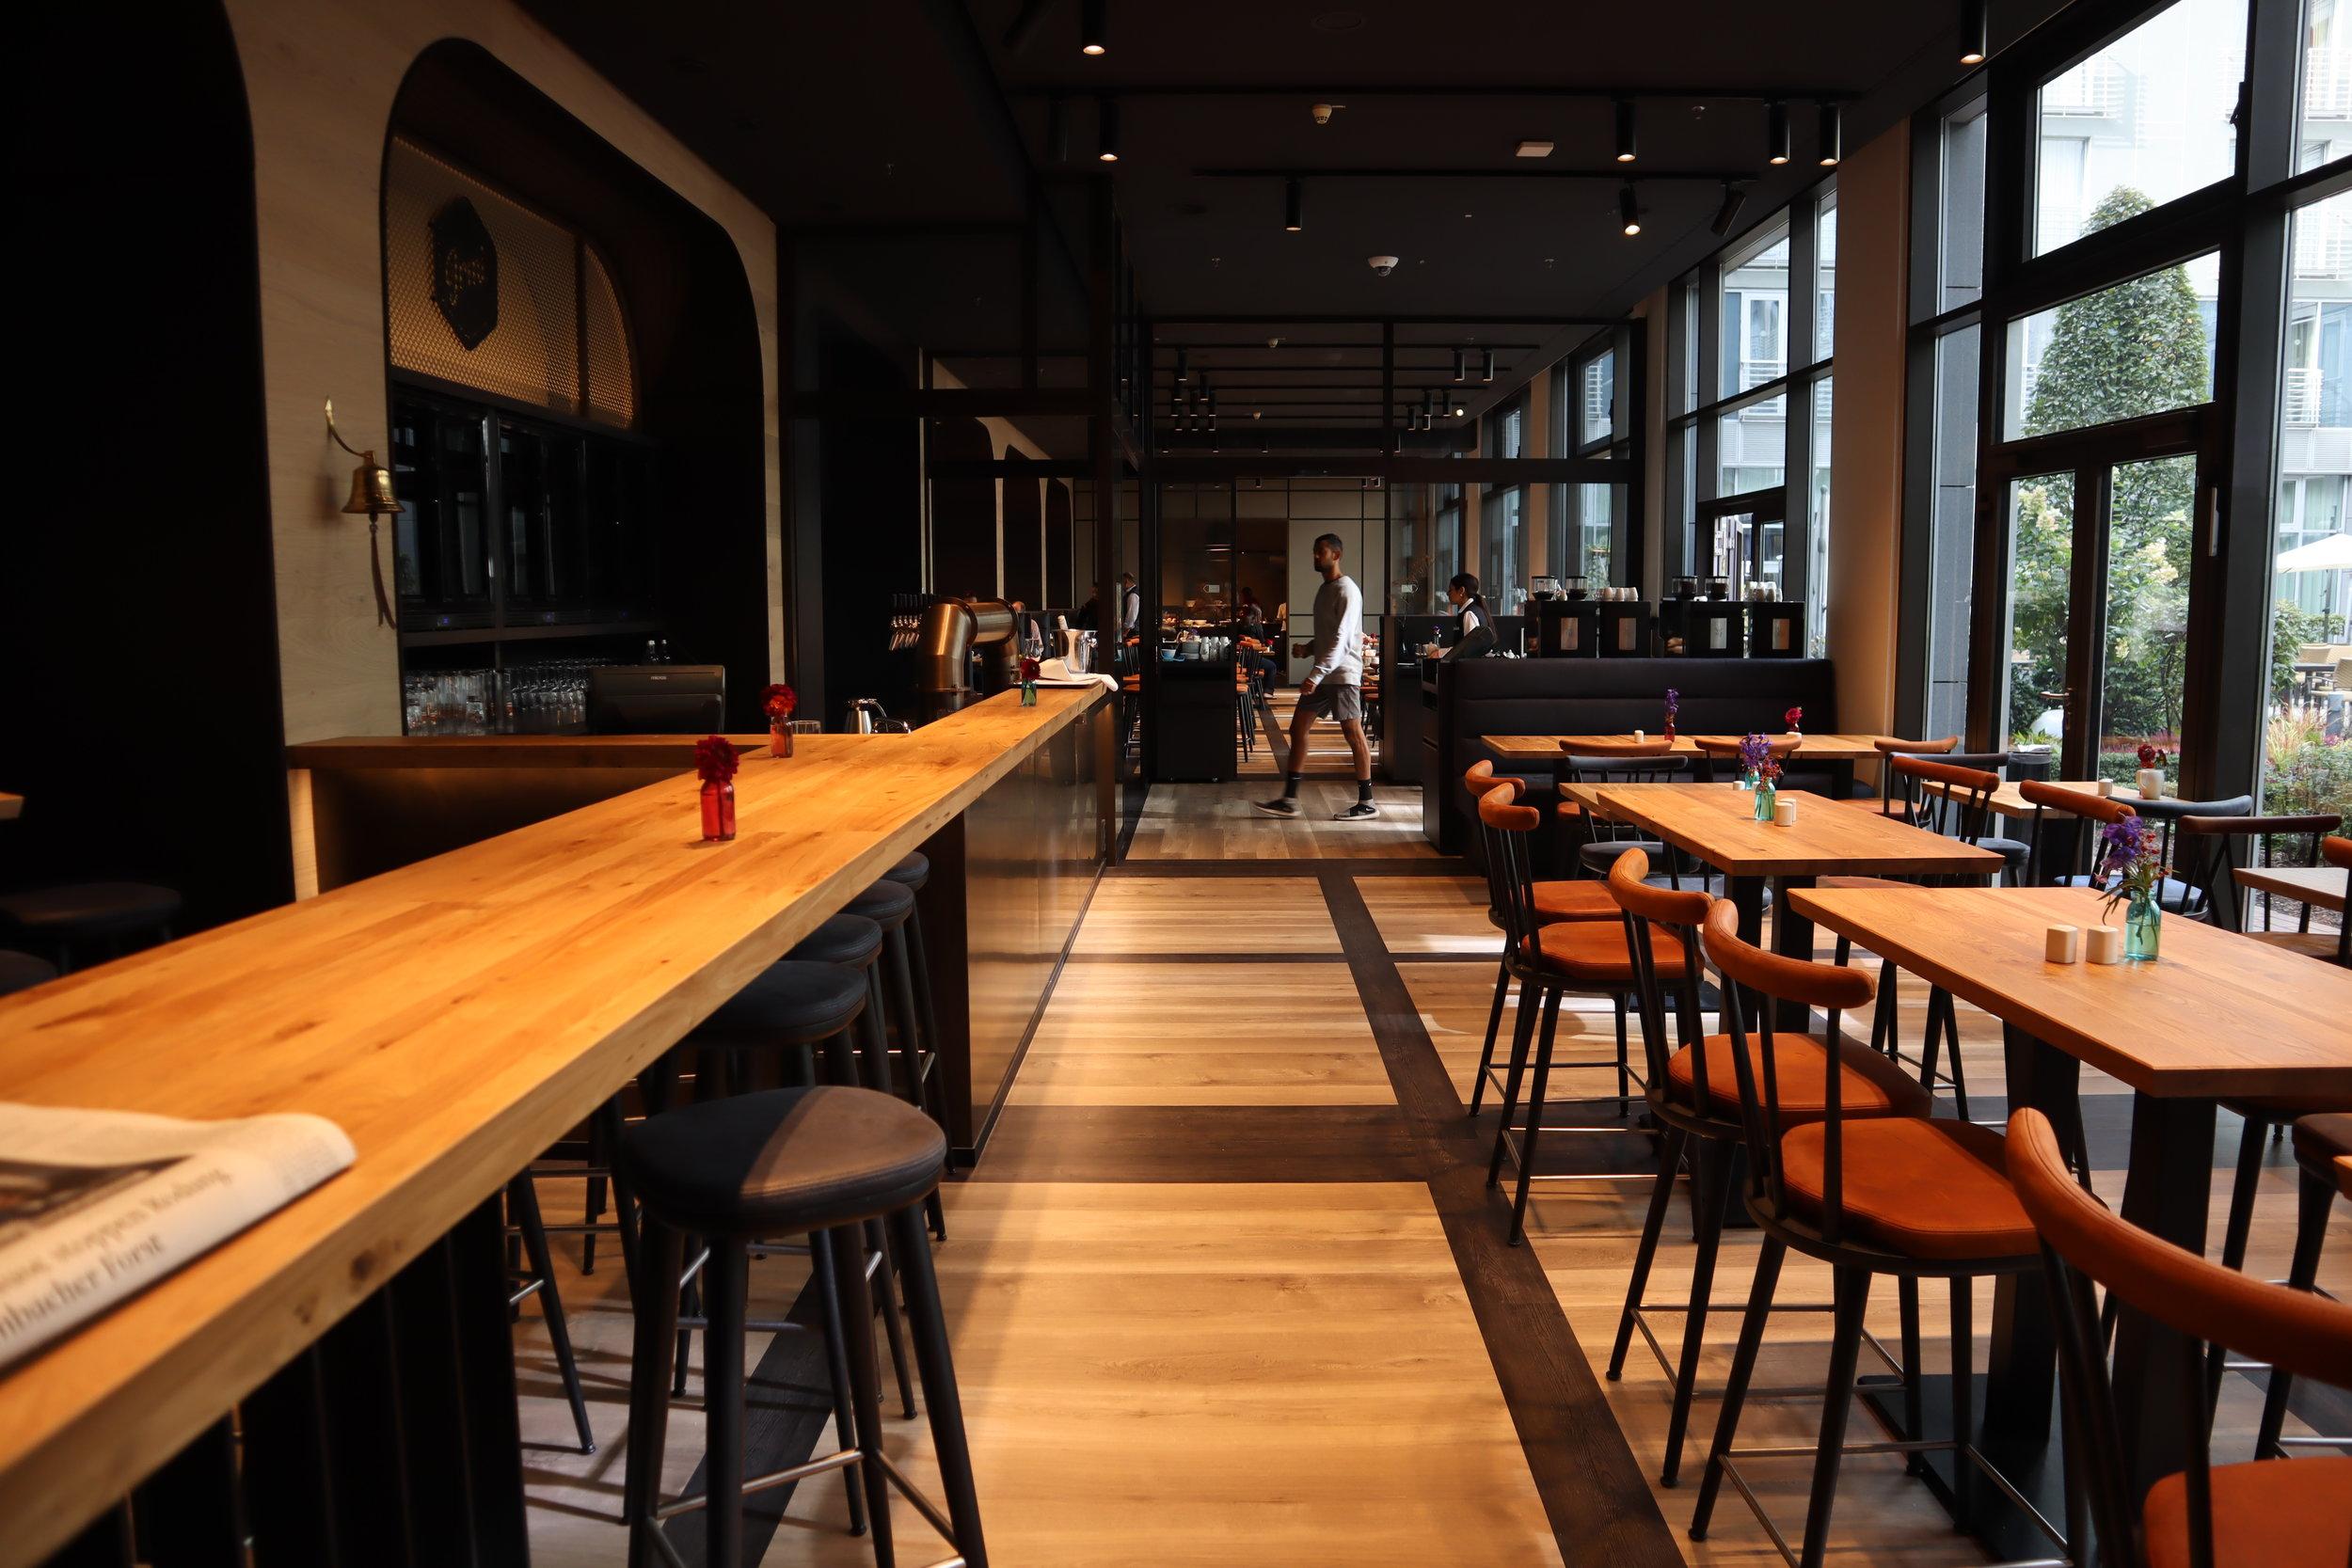 Le Méridien Munich – Irmi restaurant